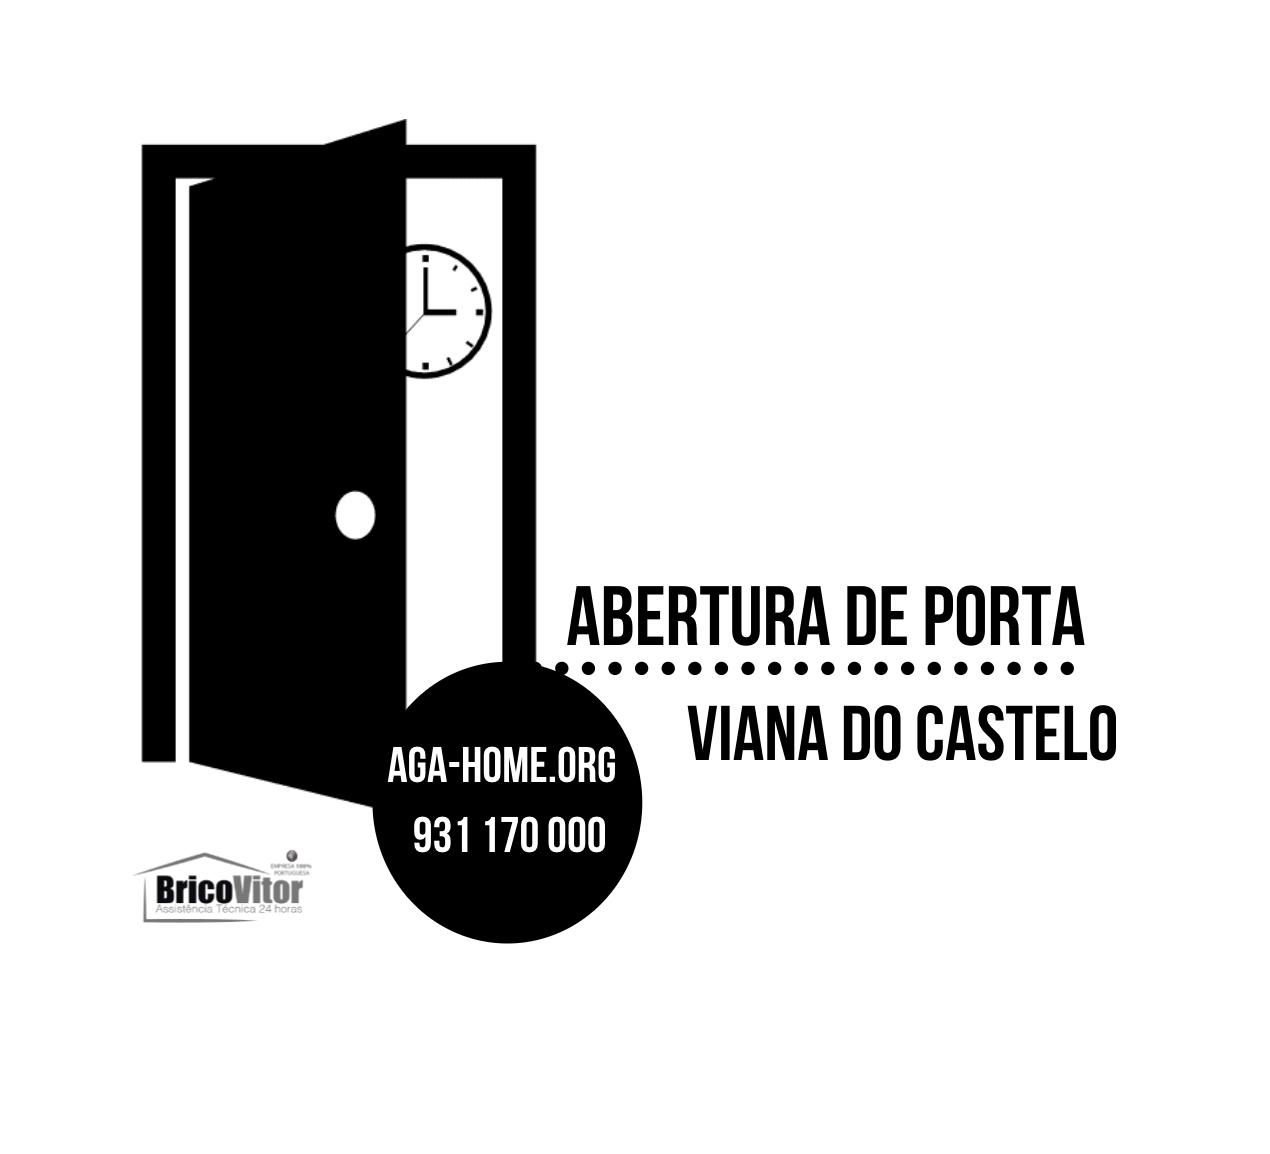 Abertura de Portas Viana do Castelo